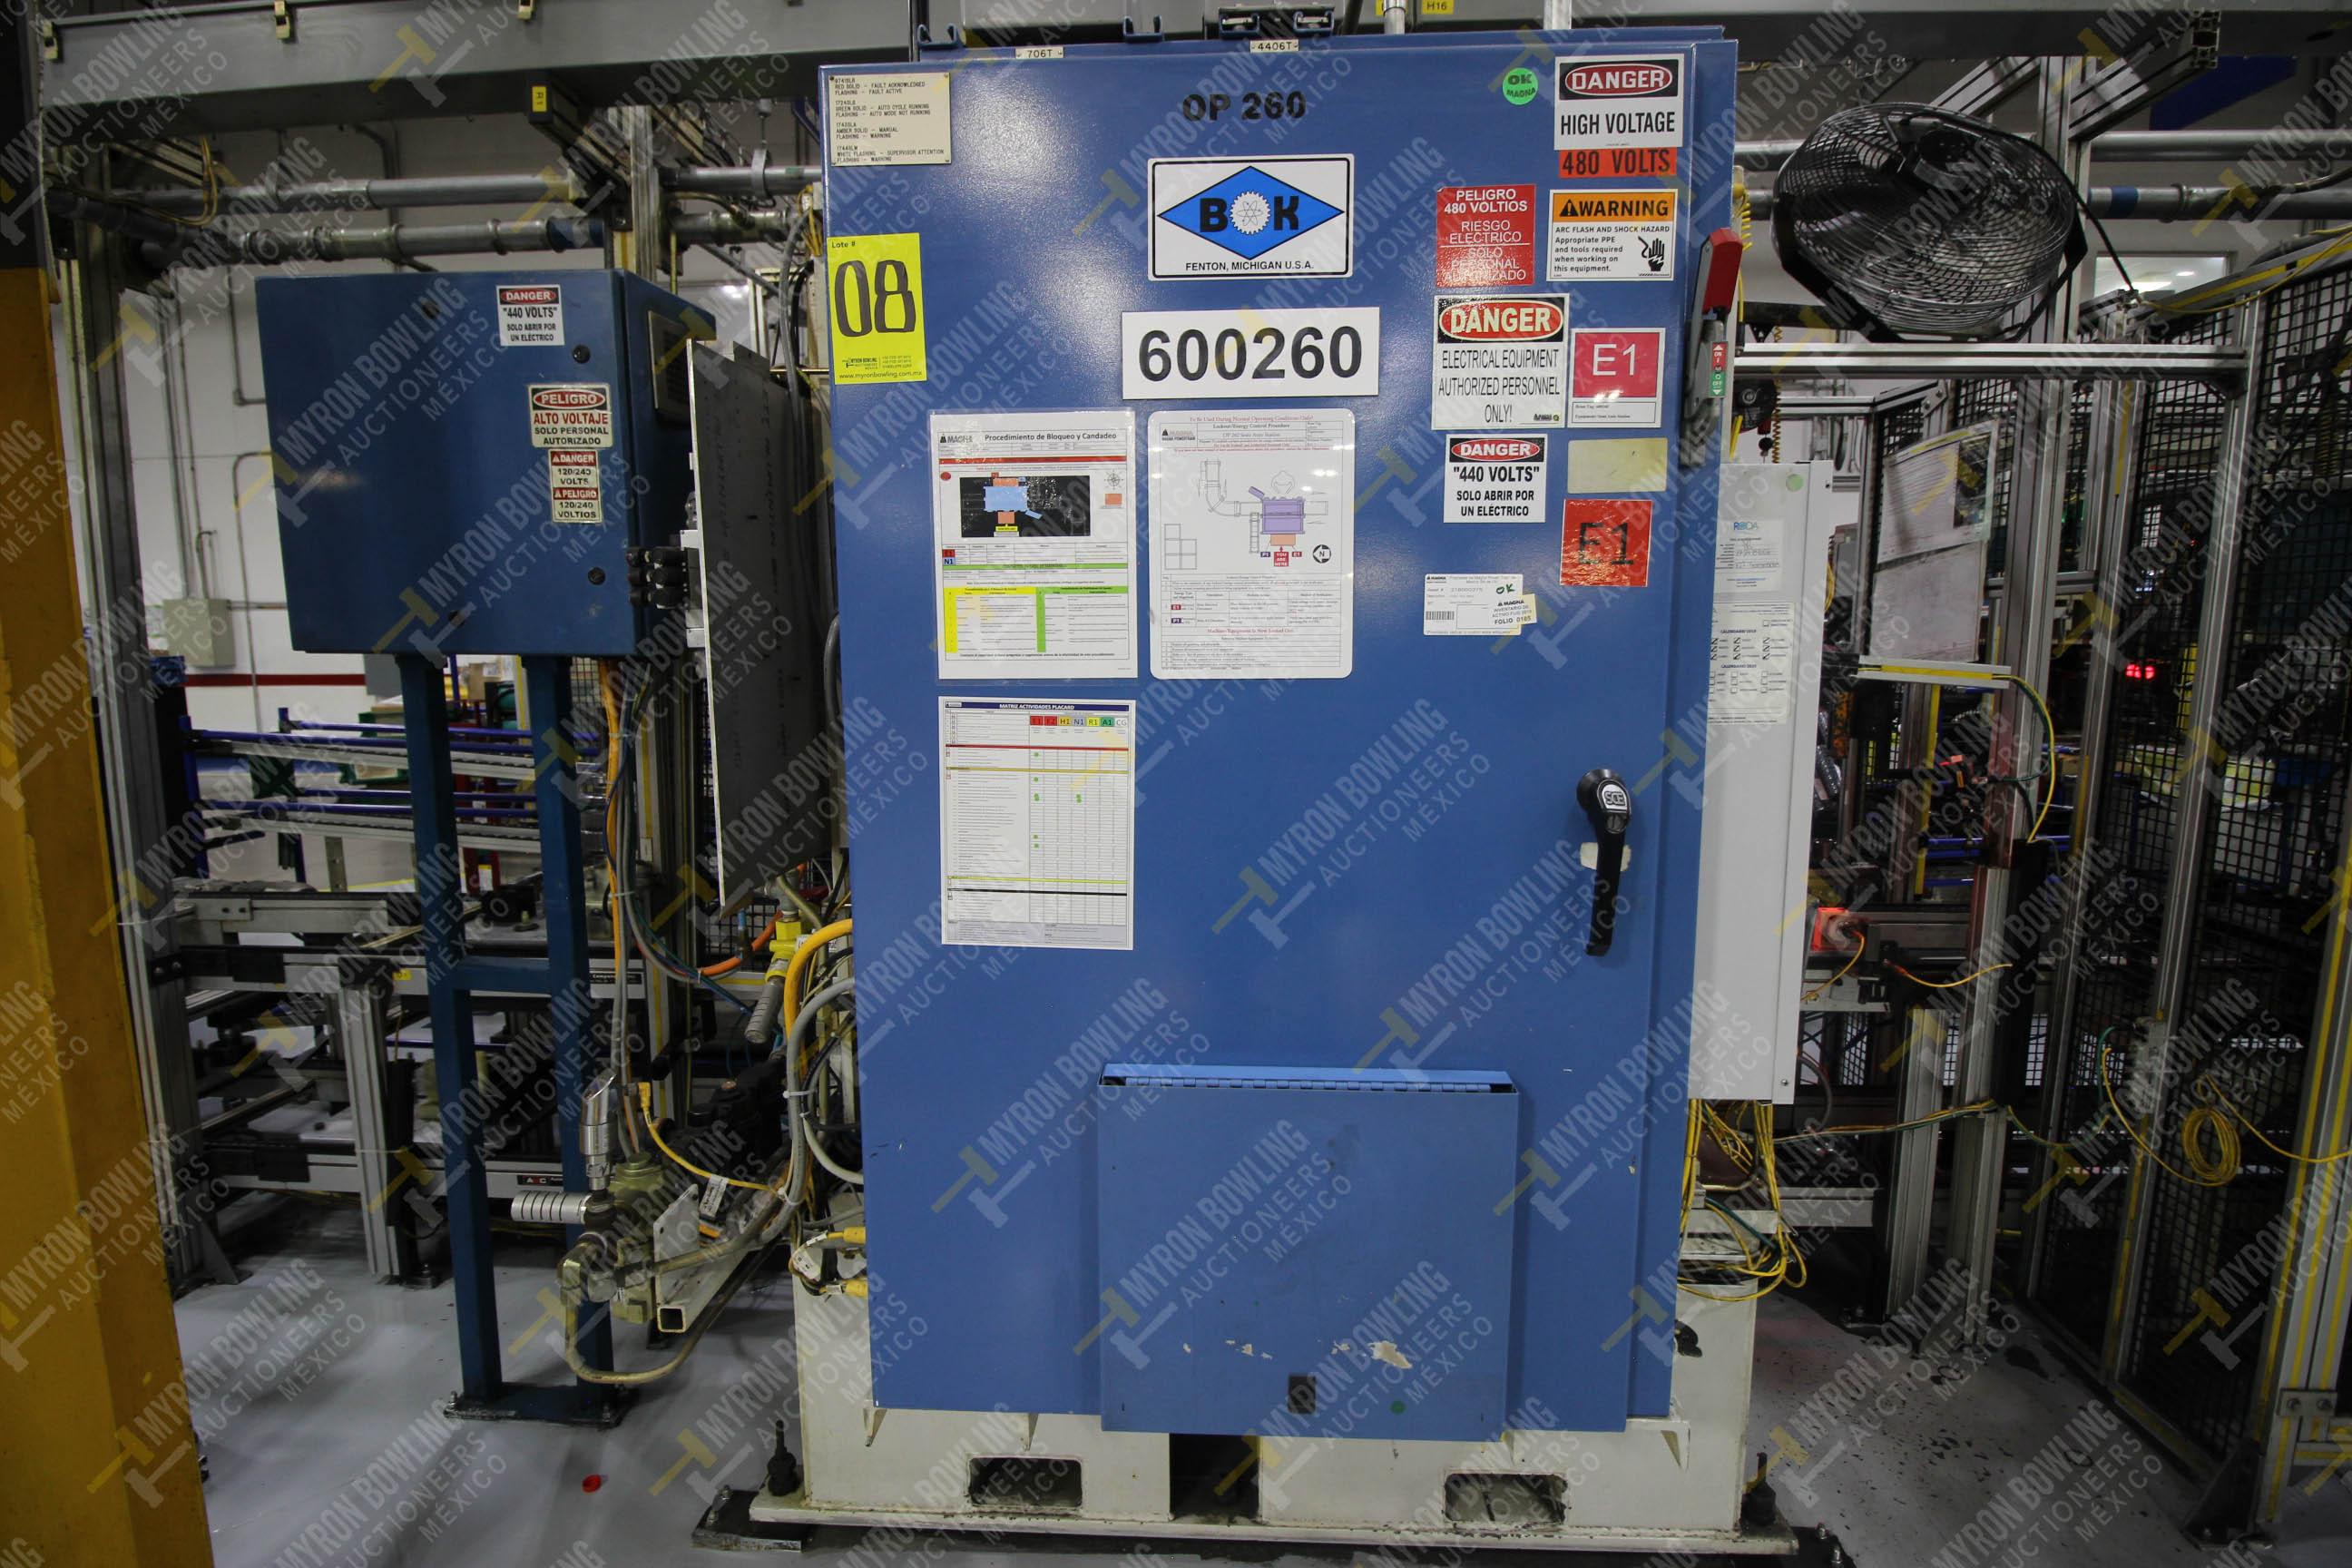 Estación semiautomática para operación 260 de ensamble - Image 11 of 20